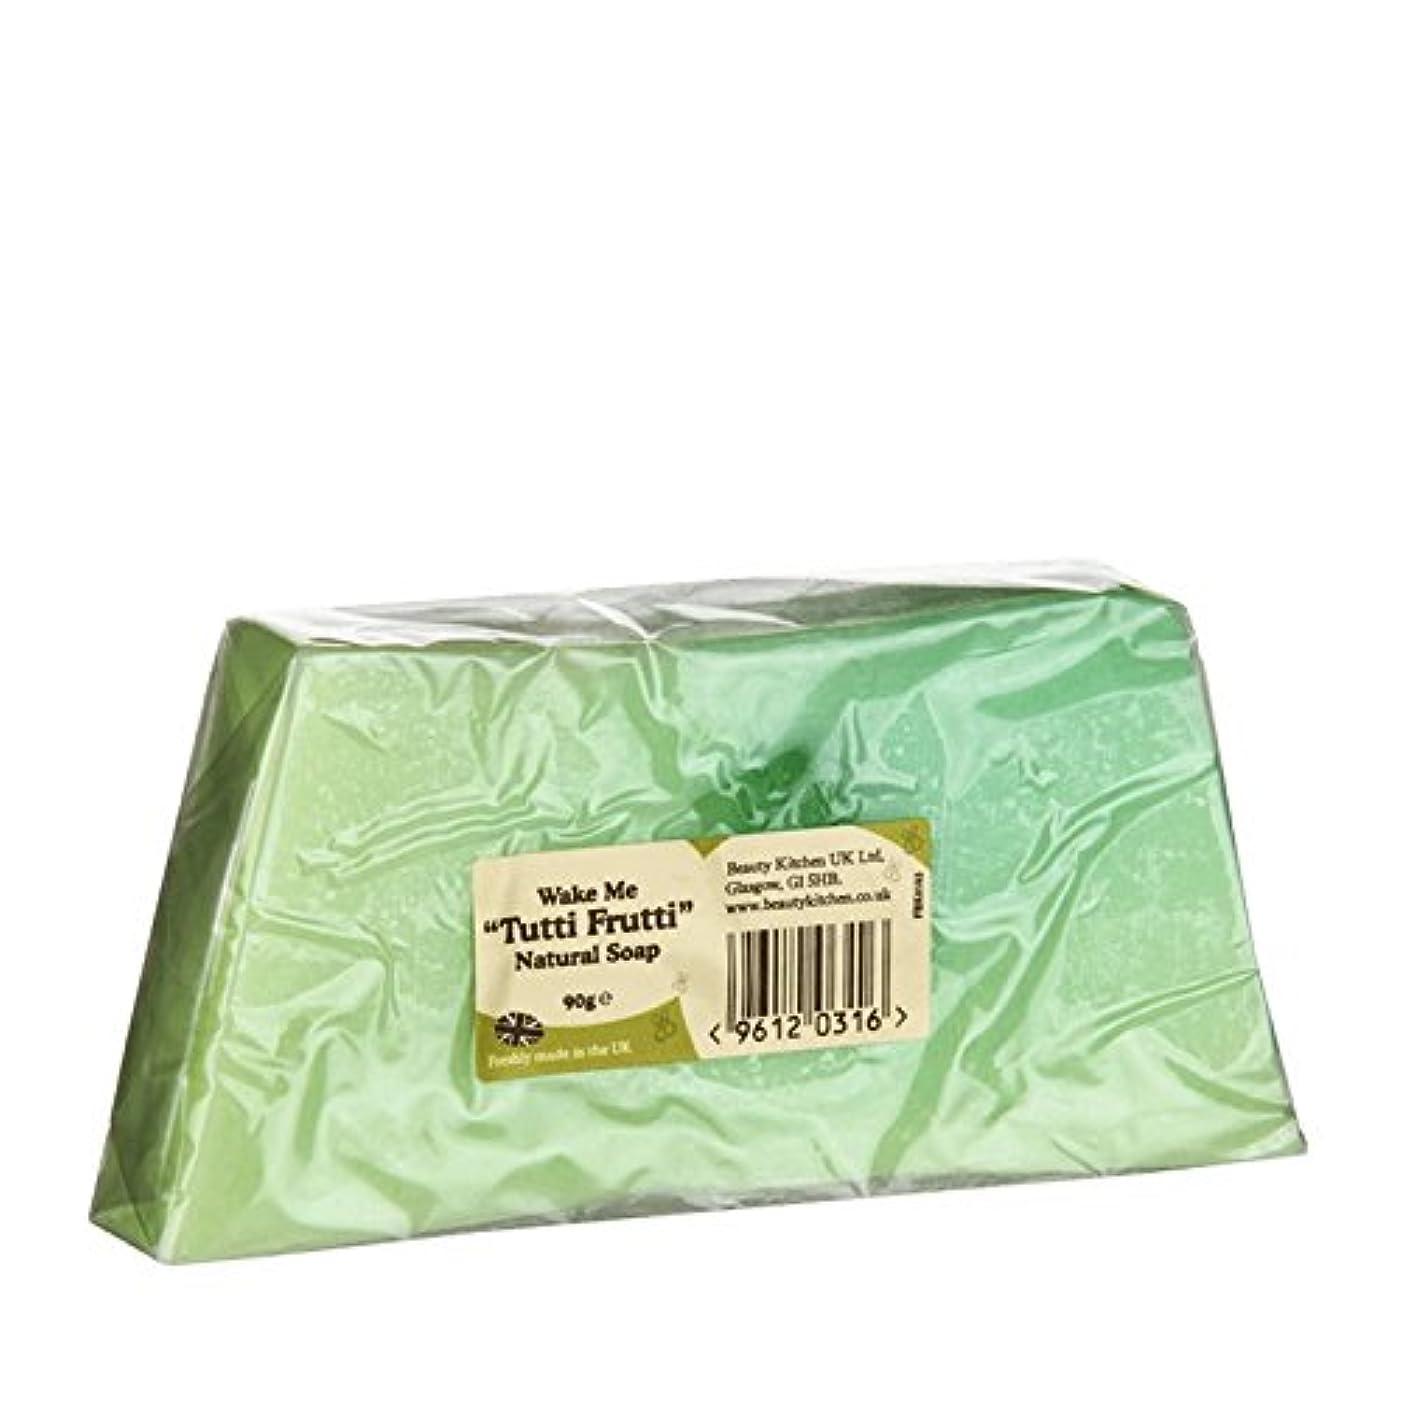 配分置くためにパックサロンBeauty Kitchen Wake Me Tutti Frutti Natural Soap 90g (Pack of 6) - 美しさのキッチンは私トゥッティフルッティの天然石鹸90グラムウェイク (x6) [並行輸入品]